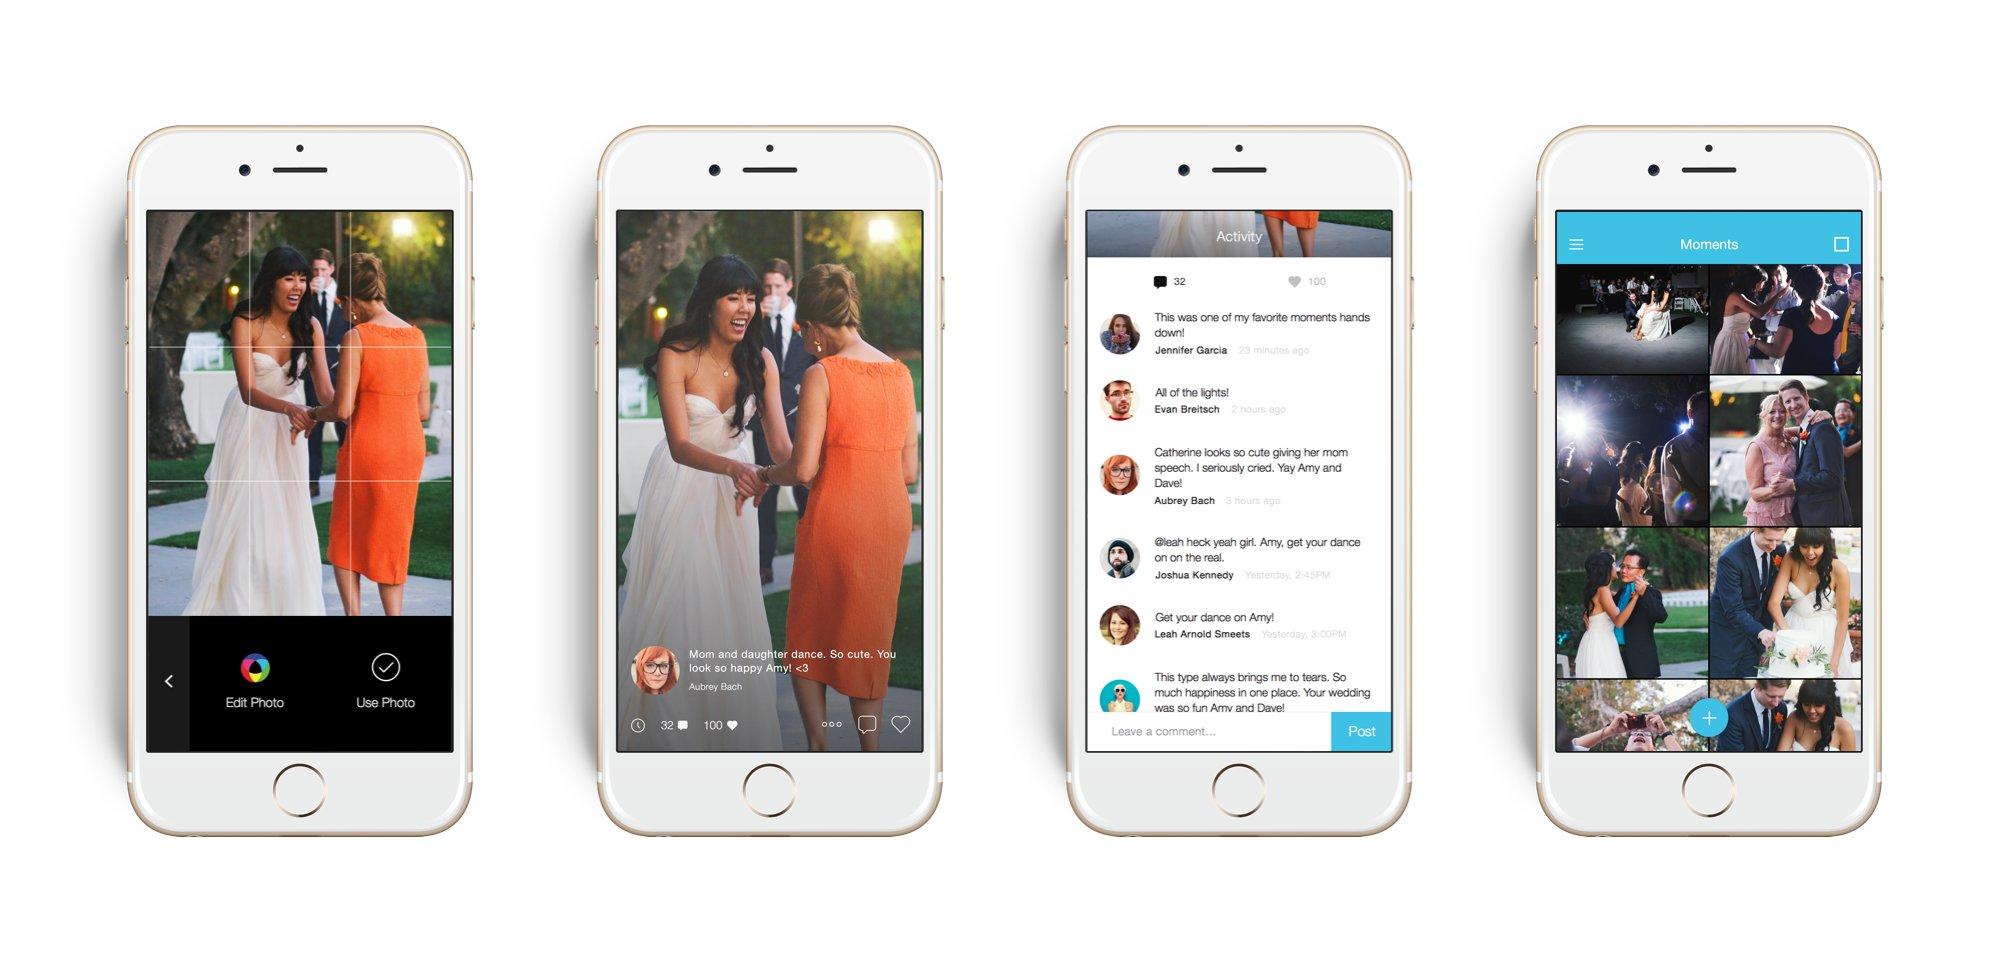 joy the wedding app moments